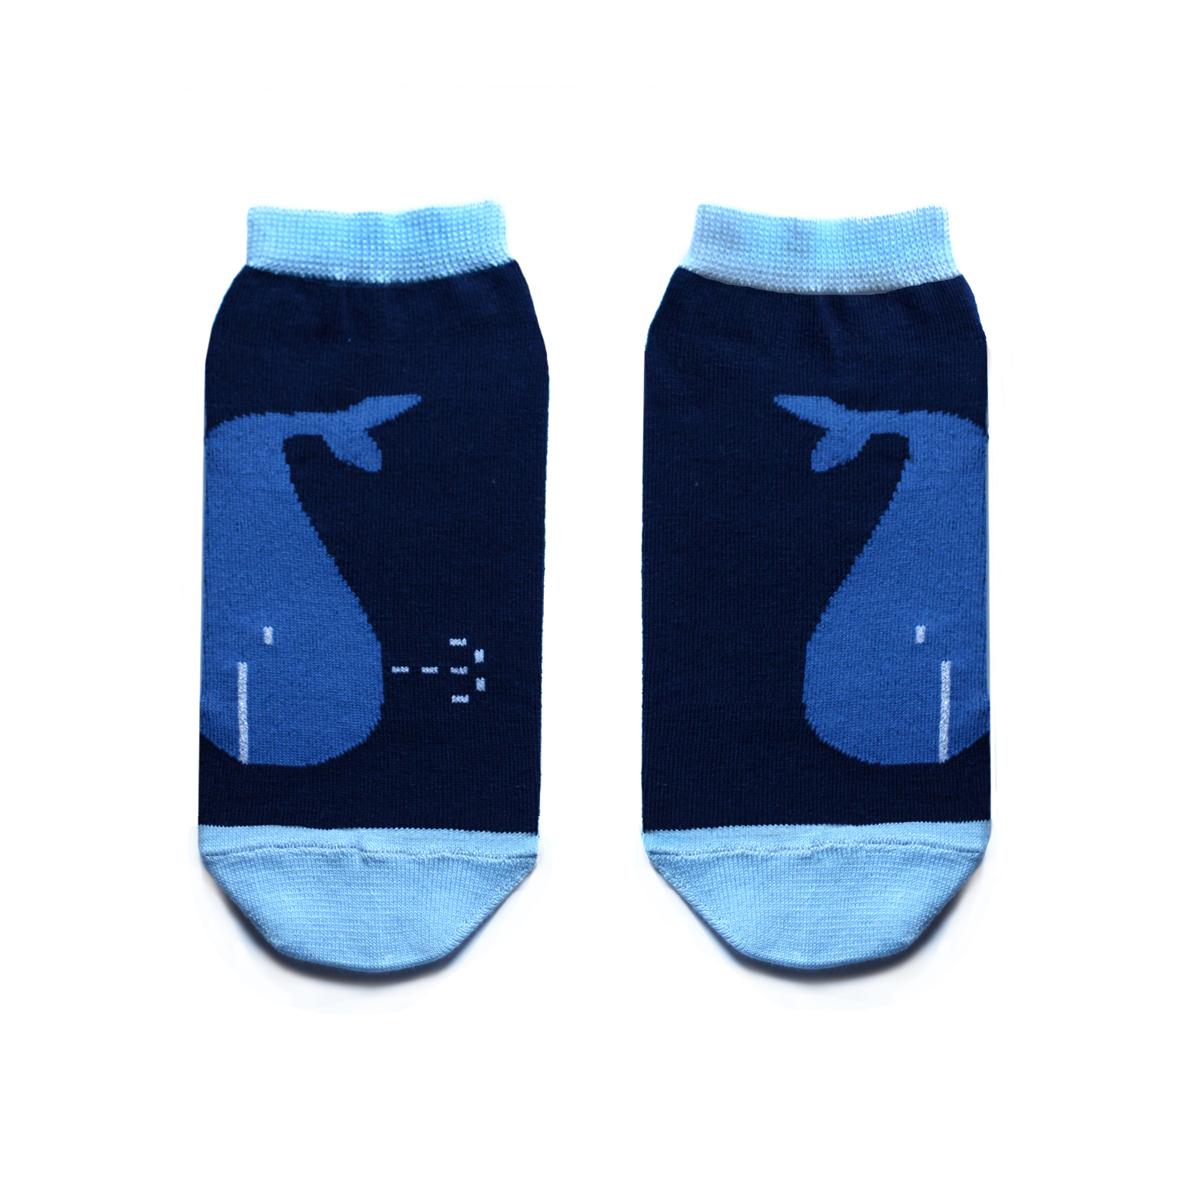 Носки мужские Big Bang Socks Кит, укороченные, цвет: темно-синий, голубой. a132. Размер 40/44 носки мужские big bang socks муха махровые цвет зеленый a143 размер 40 44